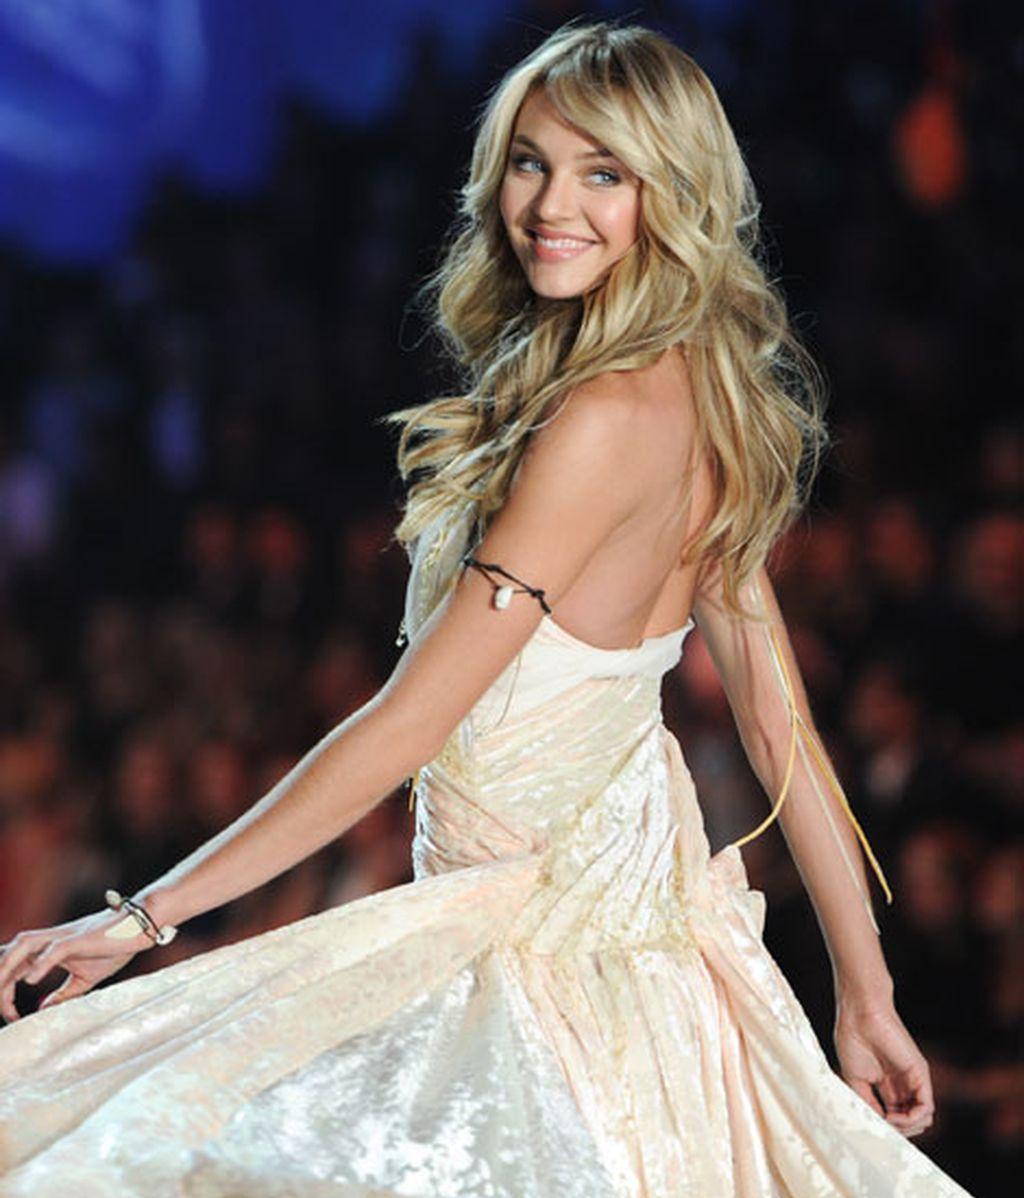 Candice Swanepoel, un ángel sobre la pasarela